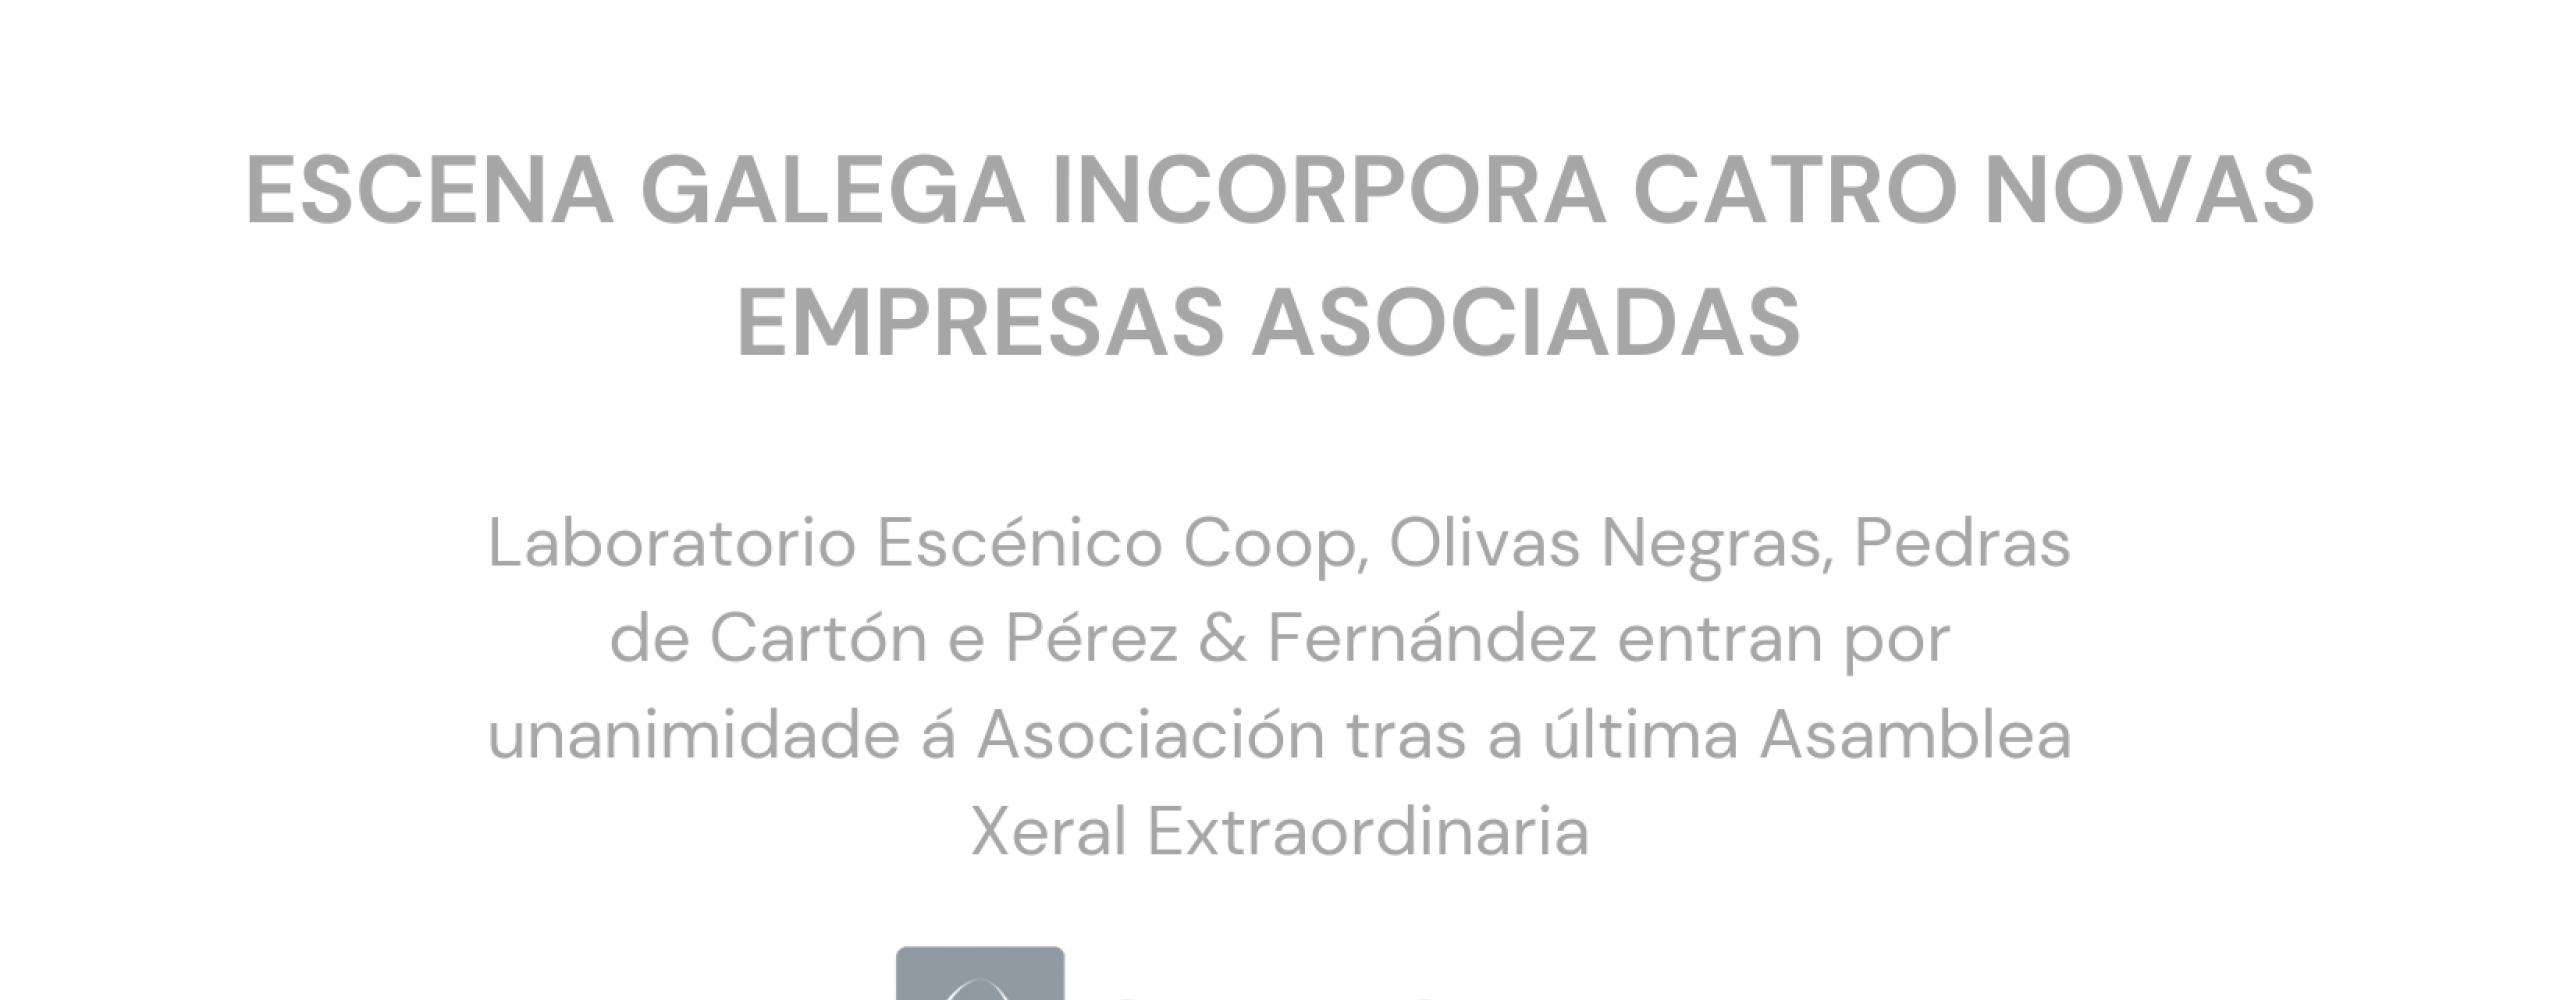 Escena Galega consolídase como a asociación sectorial máis aglutinante a nivel estatal coa incorporación de catro novas compañías asociadas